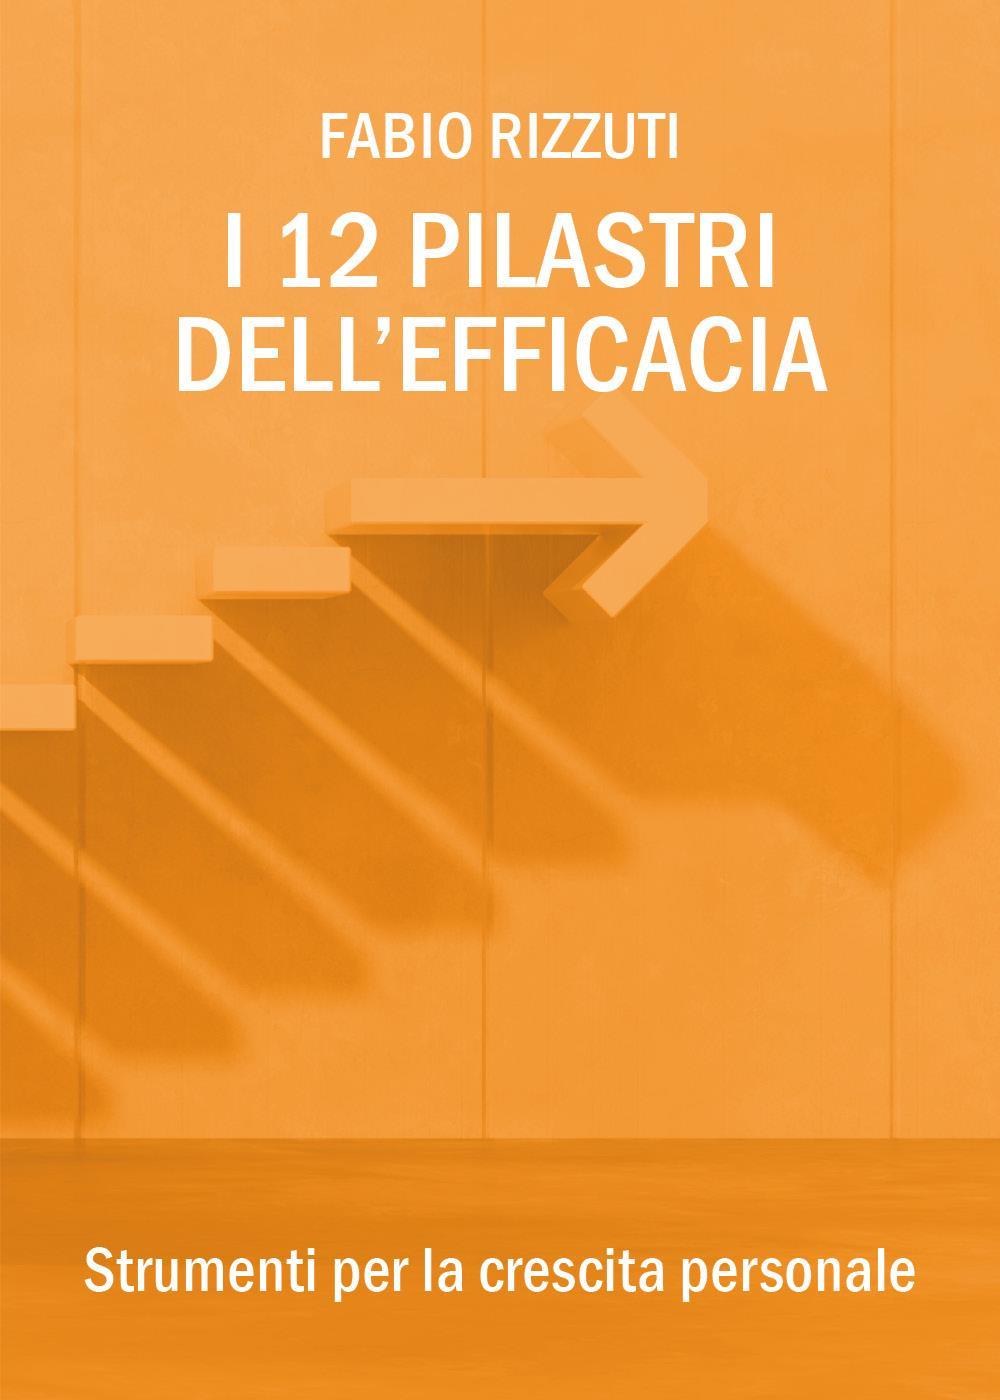 I 12 Pilastri dell'Efficacia